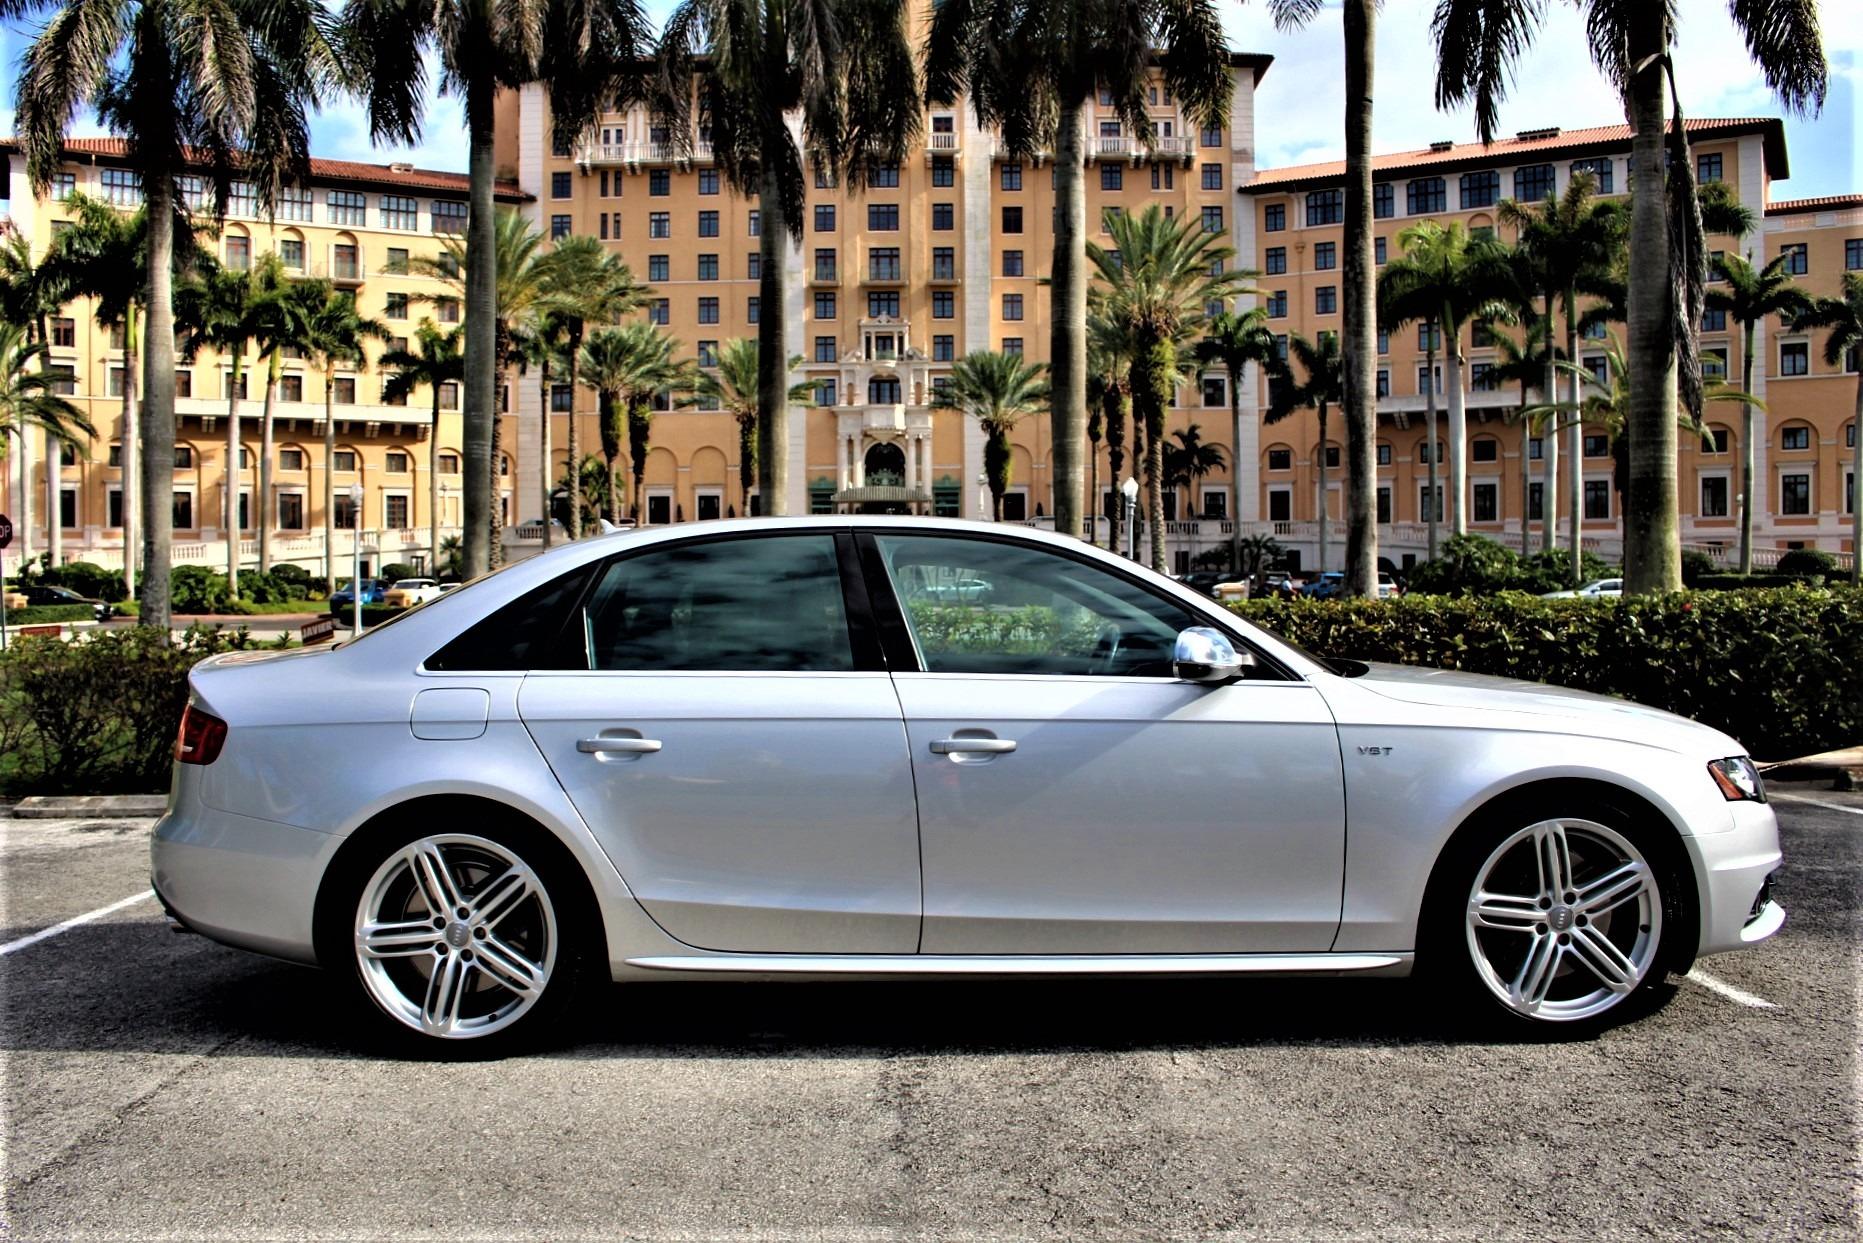 Used 2012 Audi S4 3.0T quattro Prestige for sale $29,850 at The Gables Sports Cars in Miami FL 33146 1